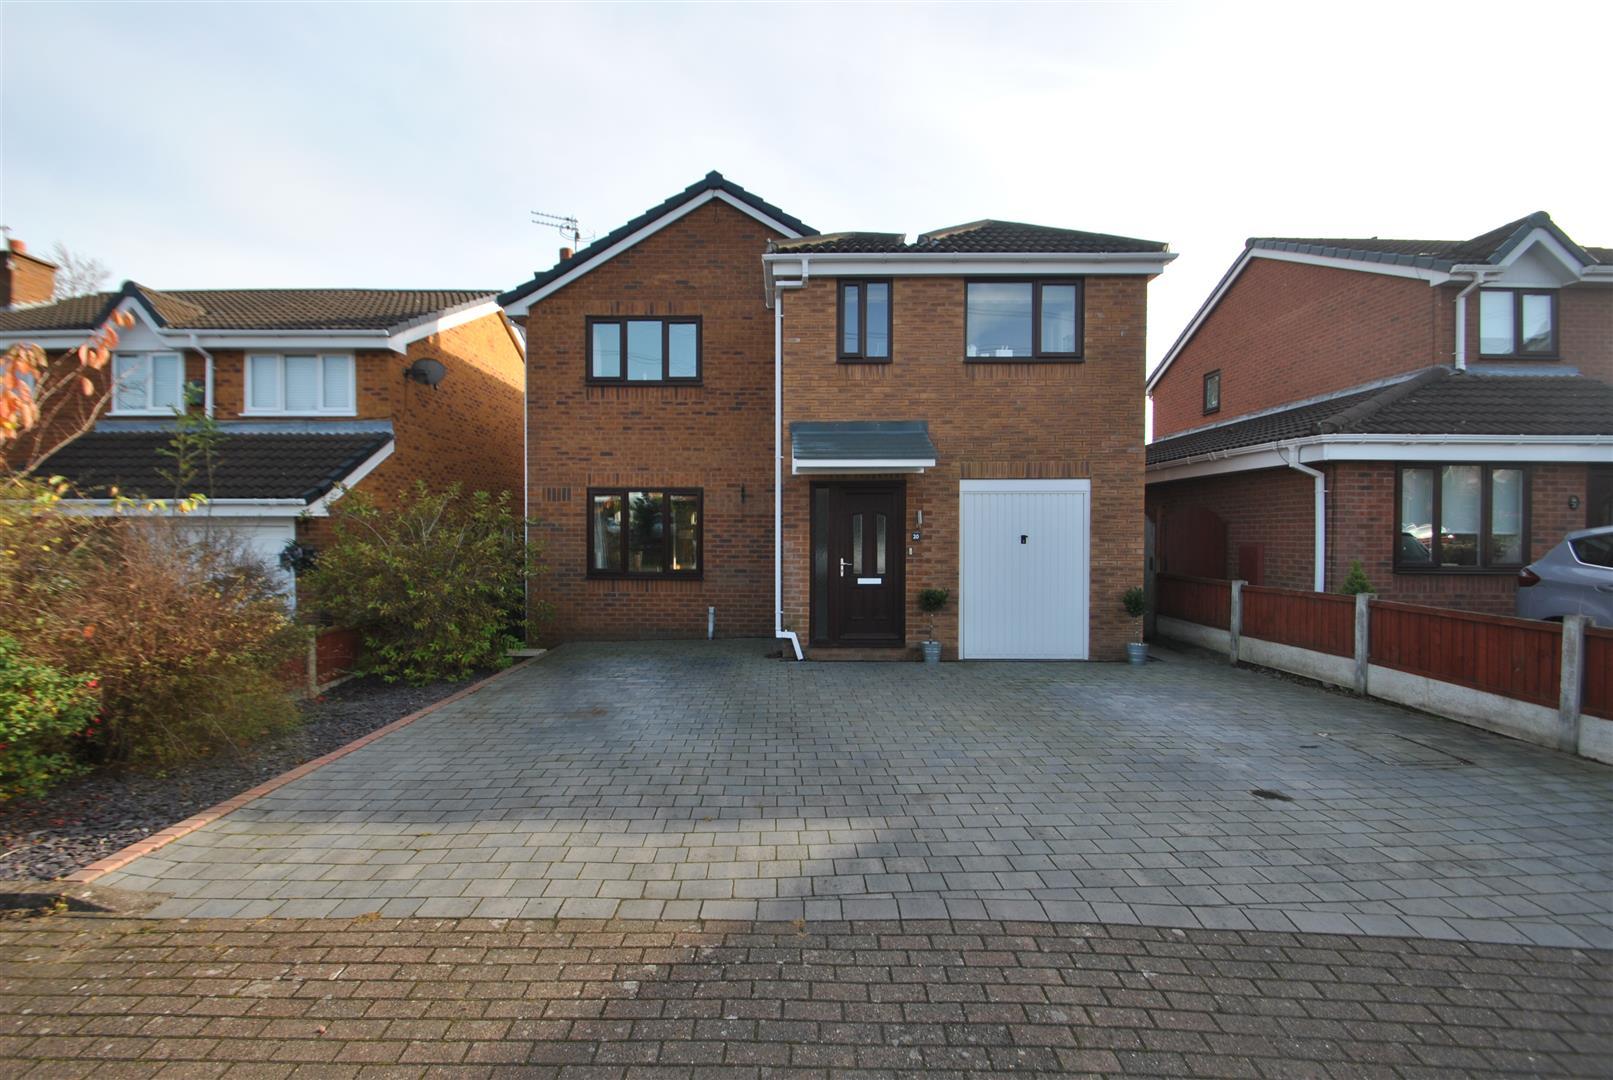 5 Bedrooms Detached House for sale in Warren Croft, NORTON, Runcorn, WA7